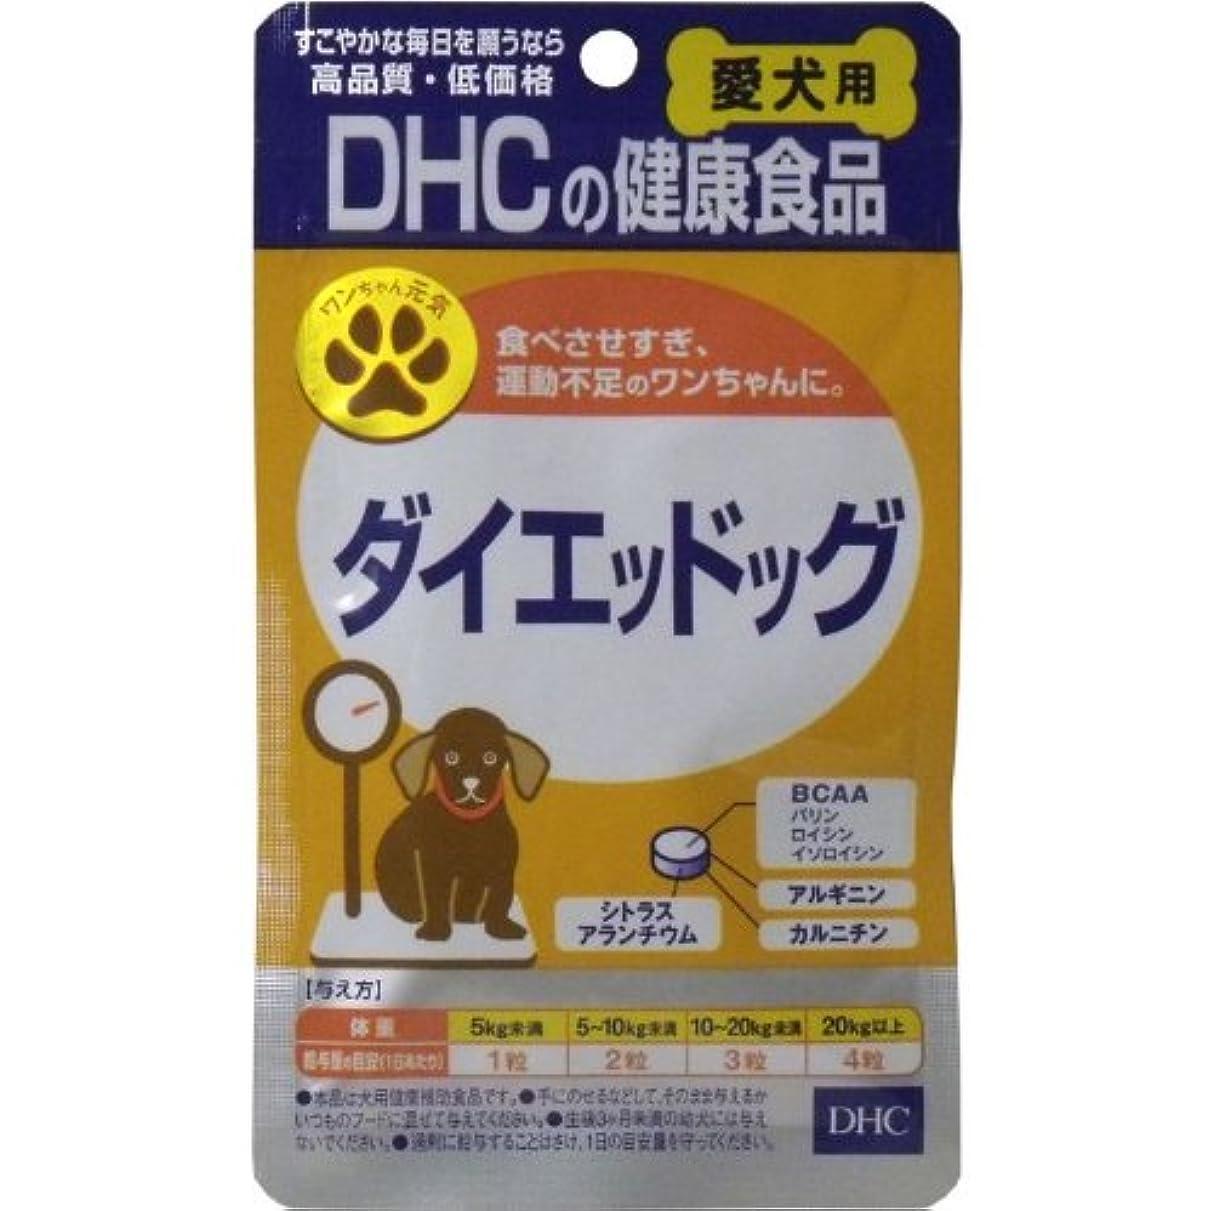 笑経済仕立て屋ペット用品 ペットサプリメント ダイエット 健康 食品 犬用